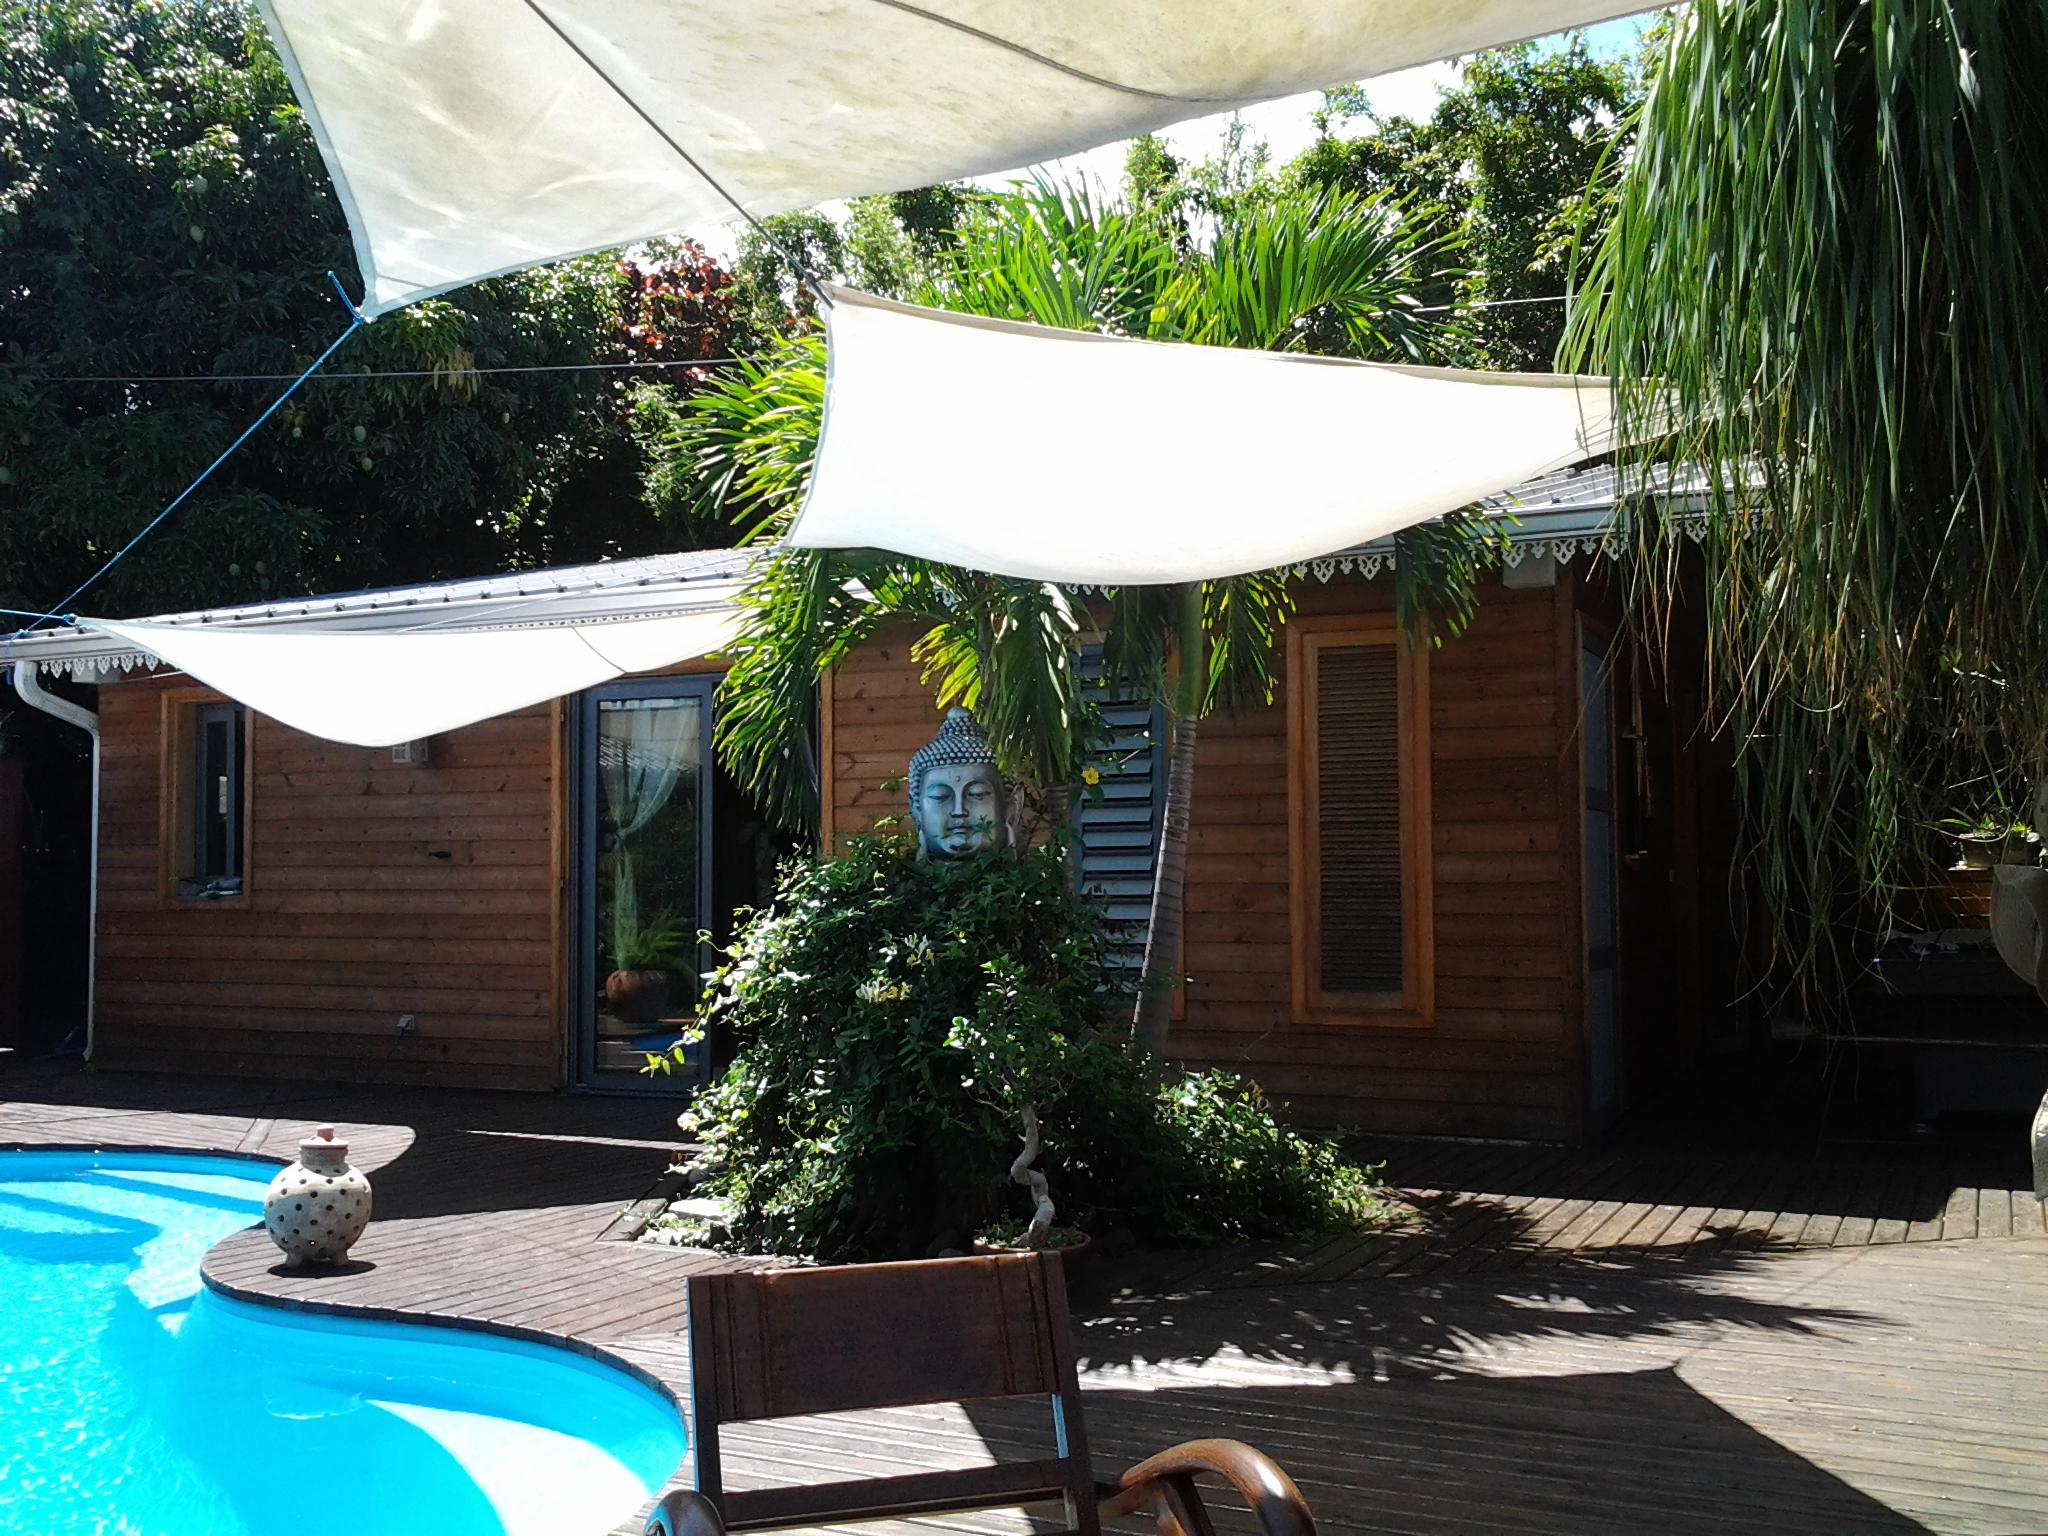 Location Vacances Ile De La Reunion  U00e0 St Paul Piscine